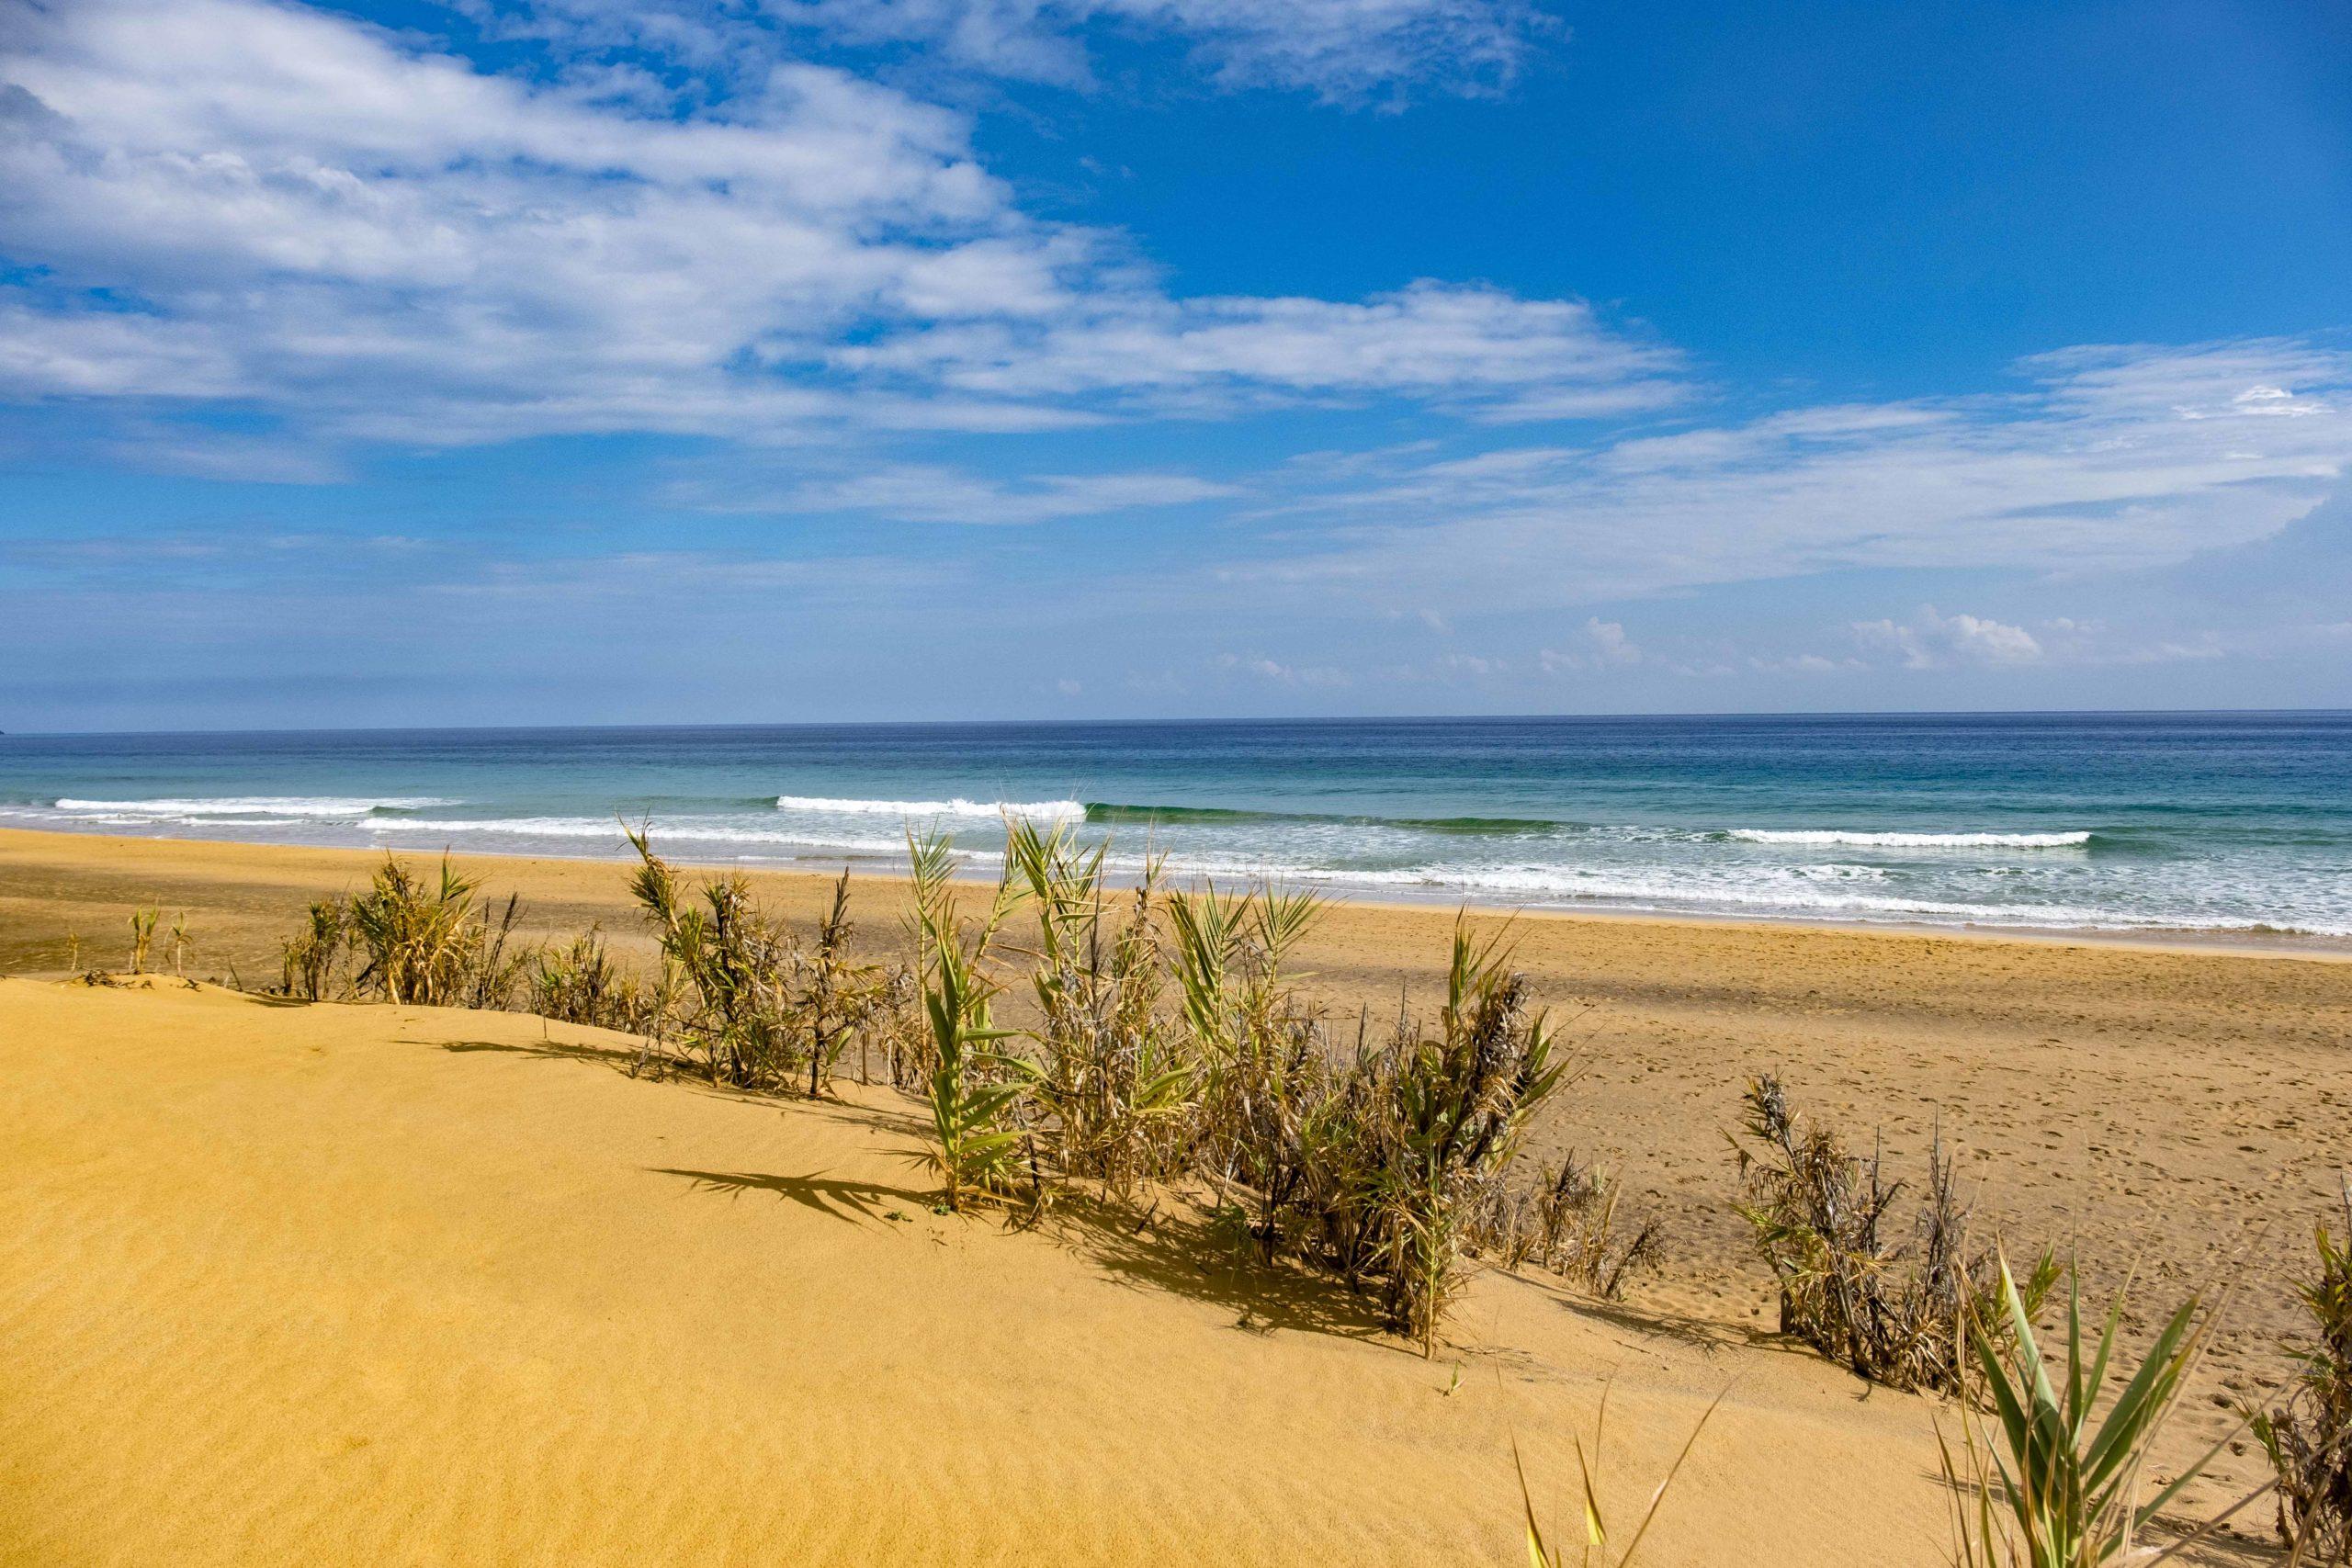 Schon seit vielen Jahren wird der kohlestoffhaltige Sand von Madeiras Schwesterinsel Porto Santo für die Behandlung von rheumatischen und orthopädischen Erkrankungen wie Arthritis oder Osteoporose benutzt